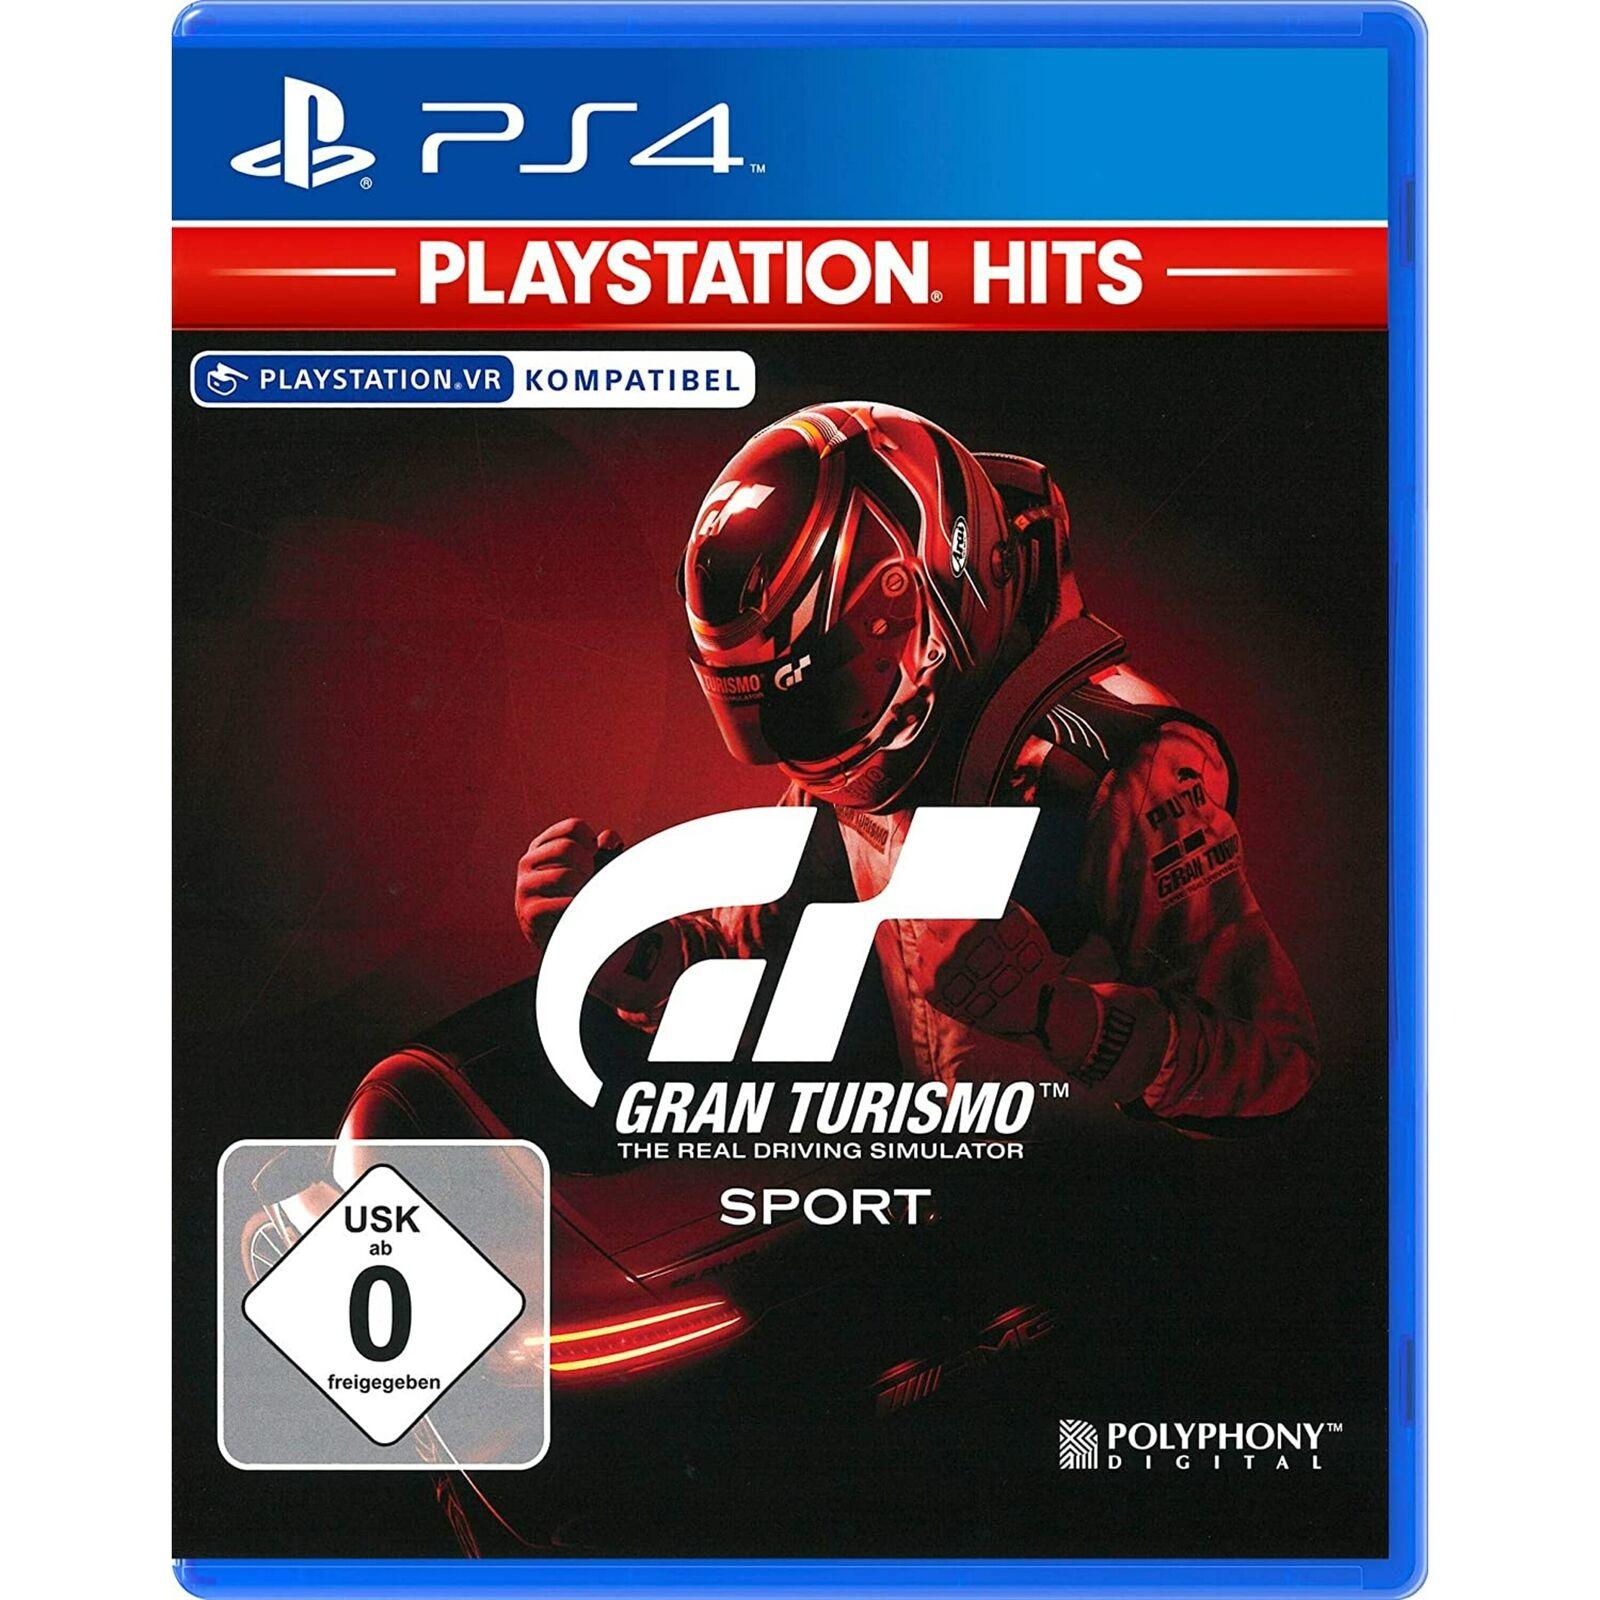 Sony PS4 Gran Turismo Sport DISC-Version für 9,99€ inkl. Versandkosten